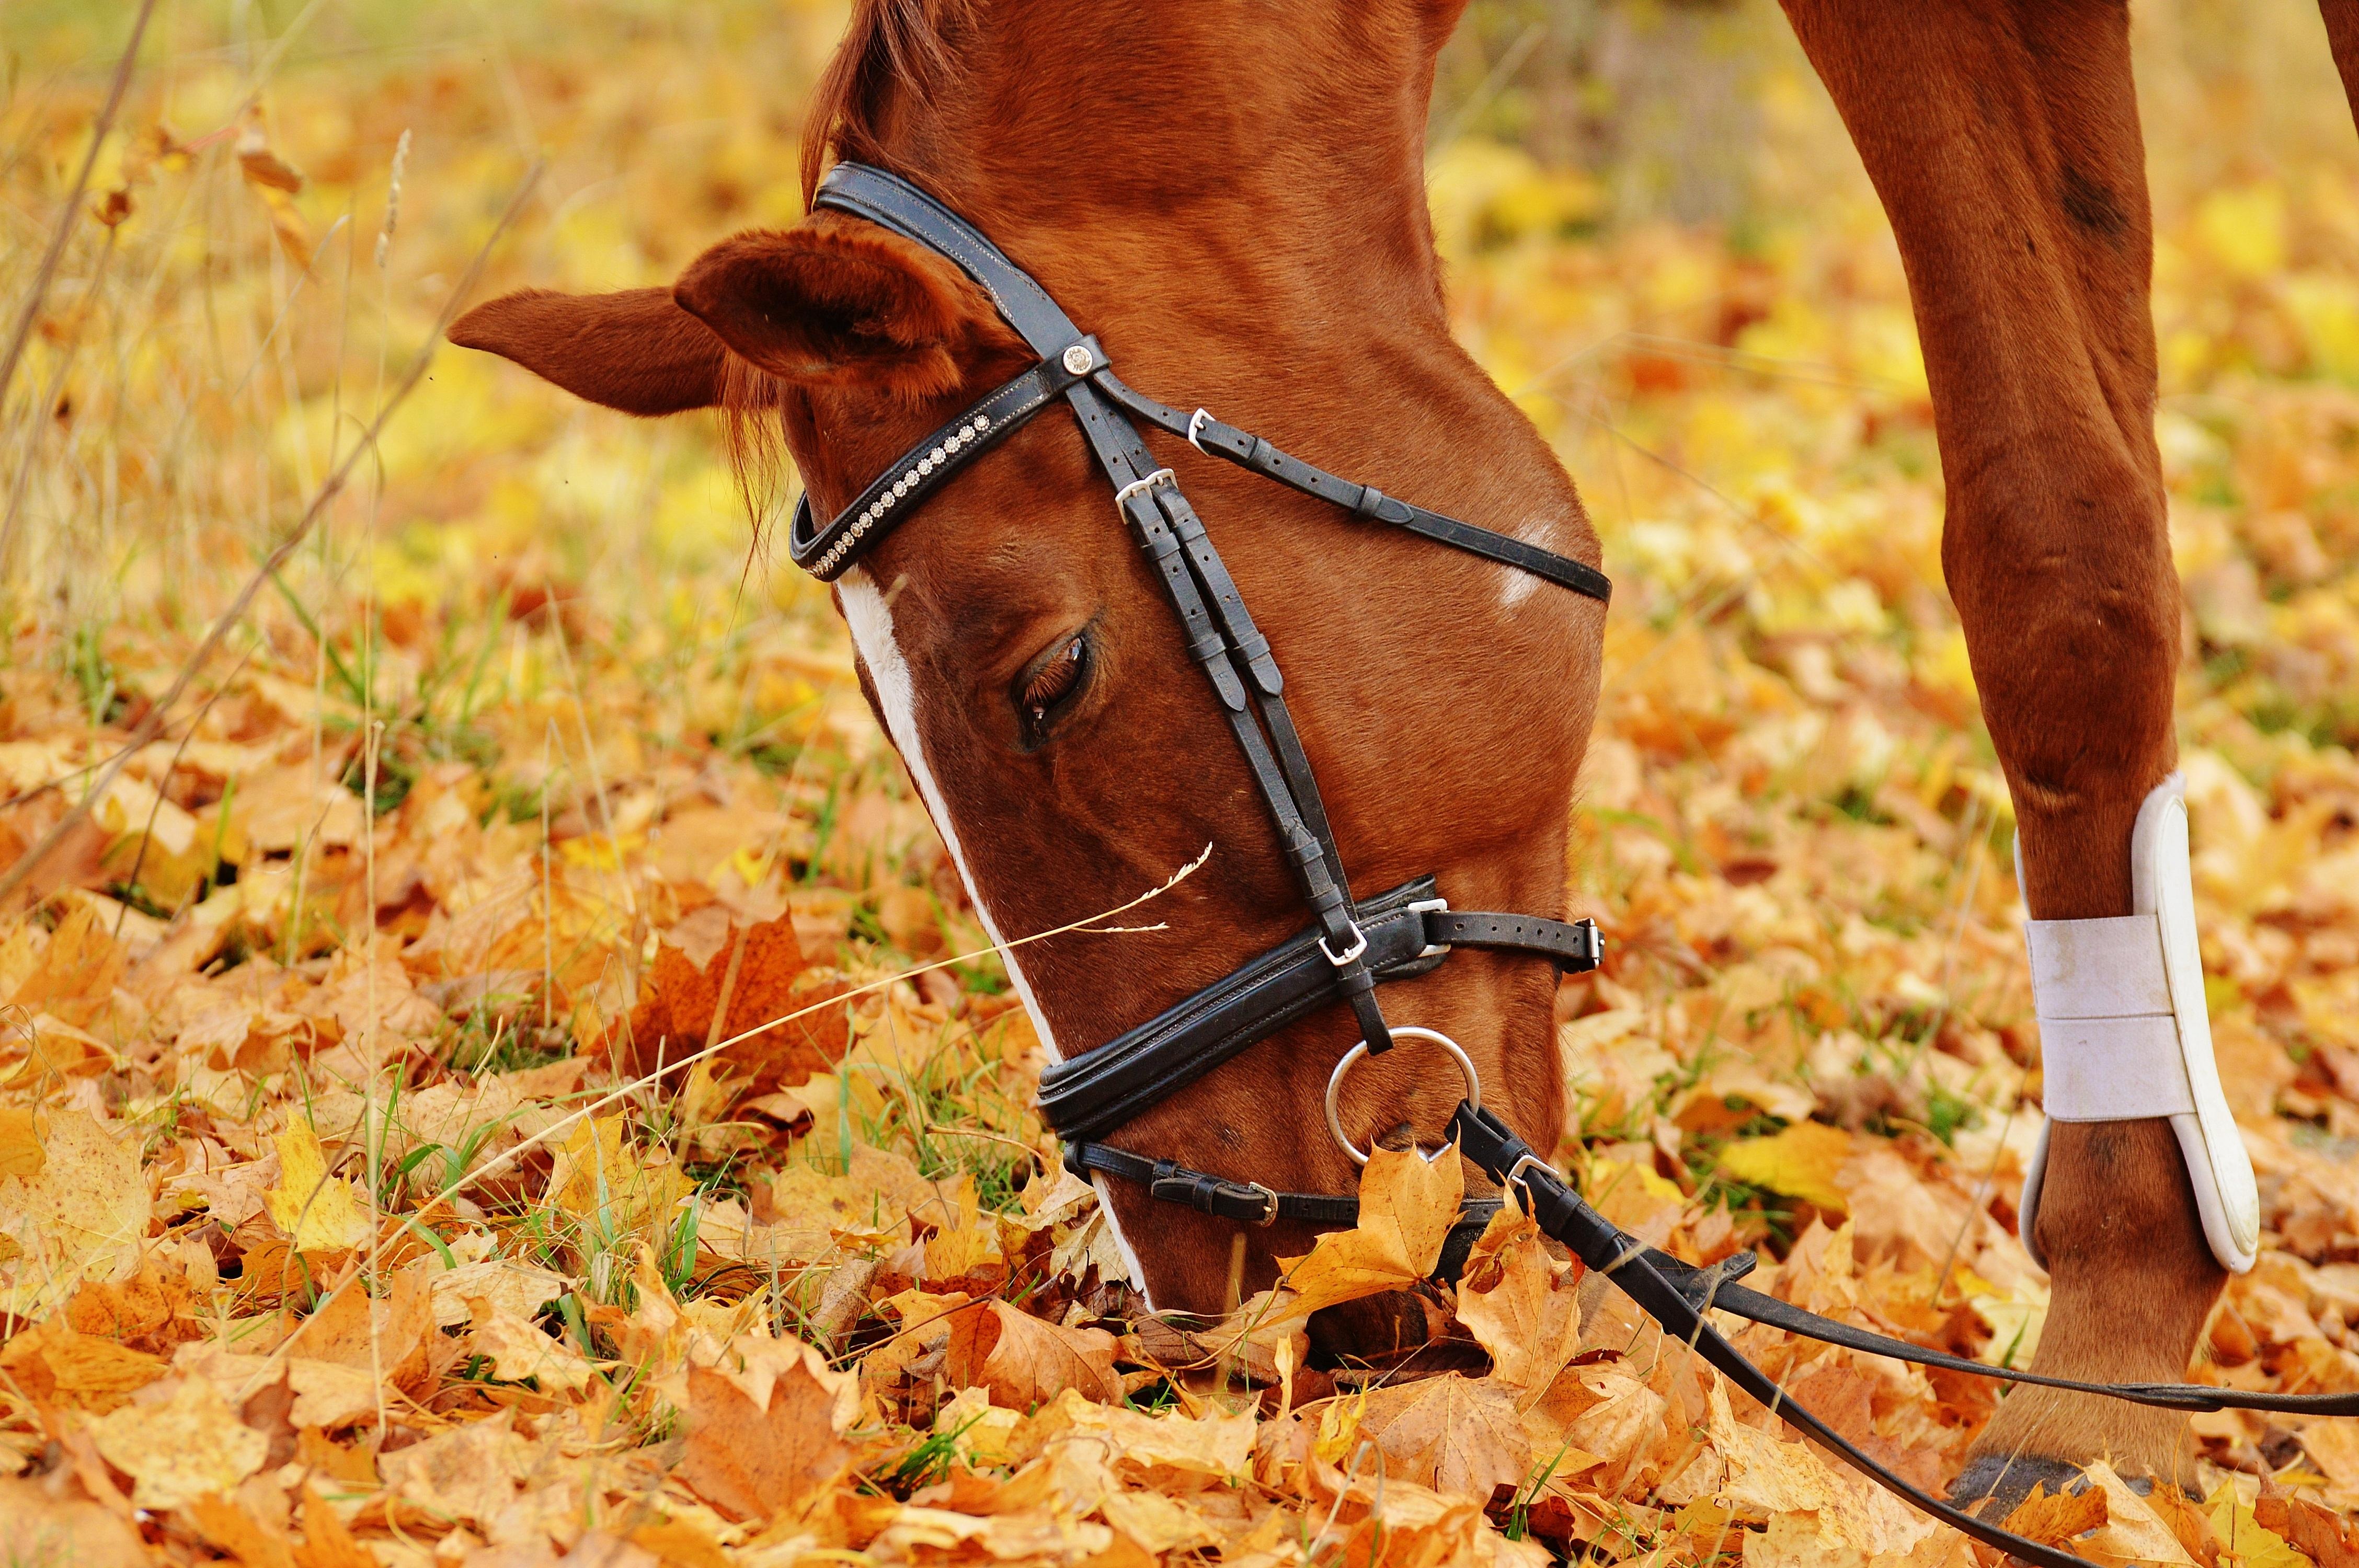 Výsledek obrázku pro horse and autumn